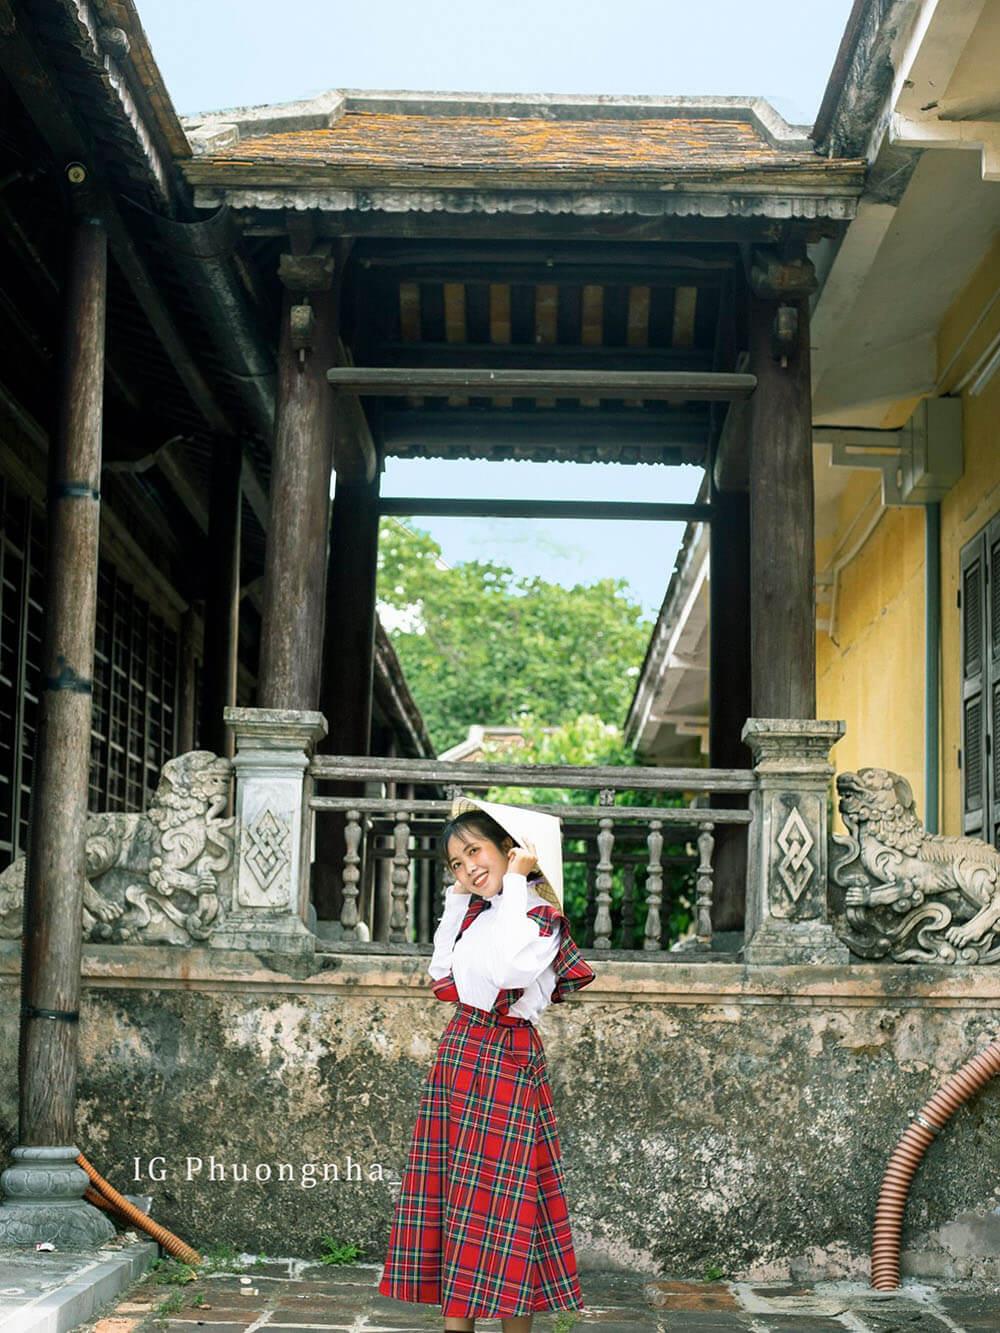 Bao Tang Co Vat Cung Dinh Hue Review Da Nang Hue Hoi An 5n4d Chuyen Di Thanh Xuan Cua Nhom Ba Con Ca Duoi